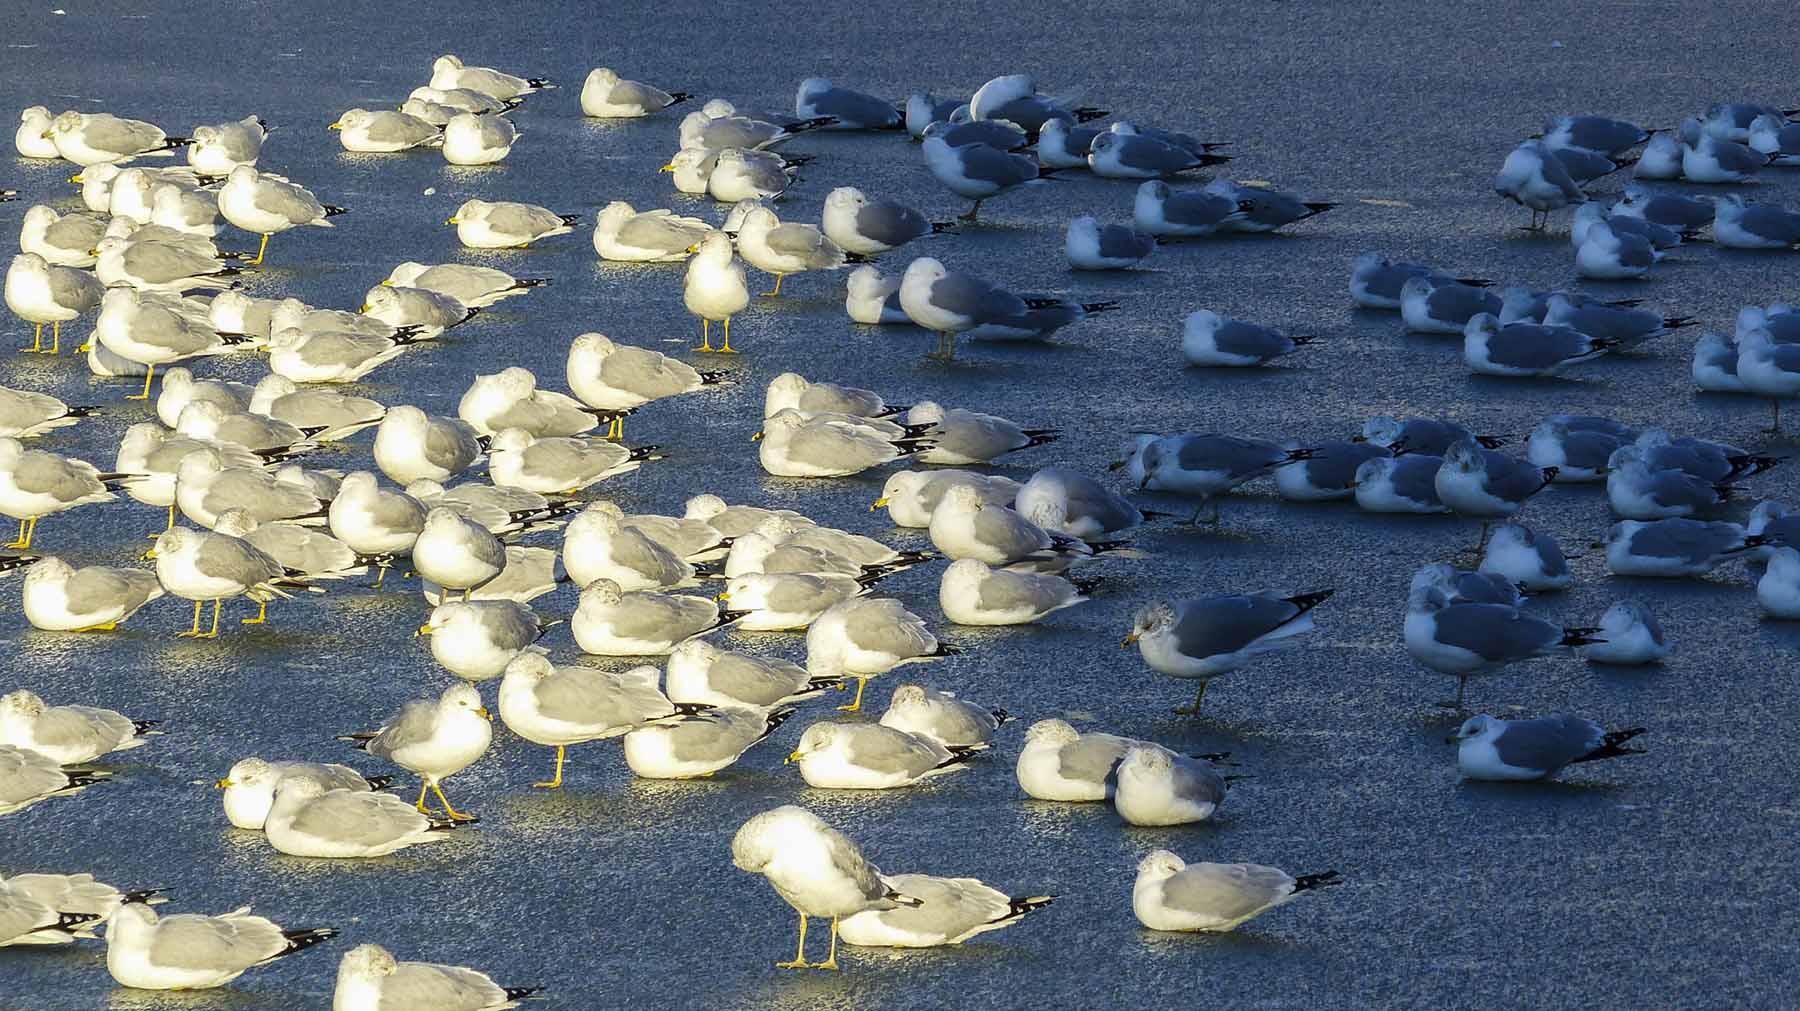 Seagulls_CU (1 of 1).jpg